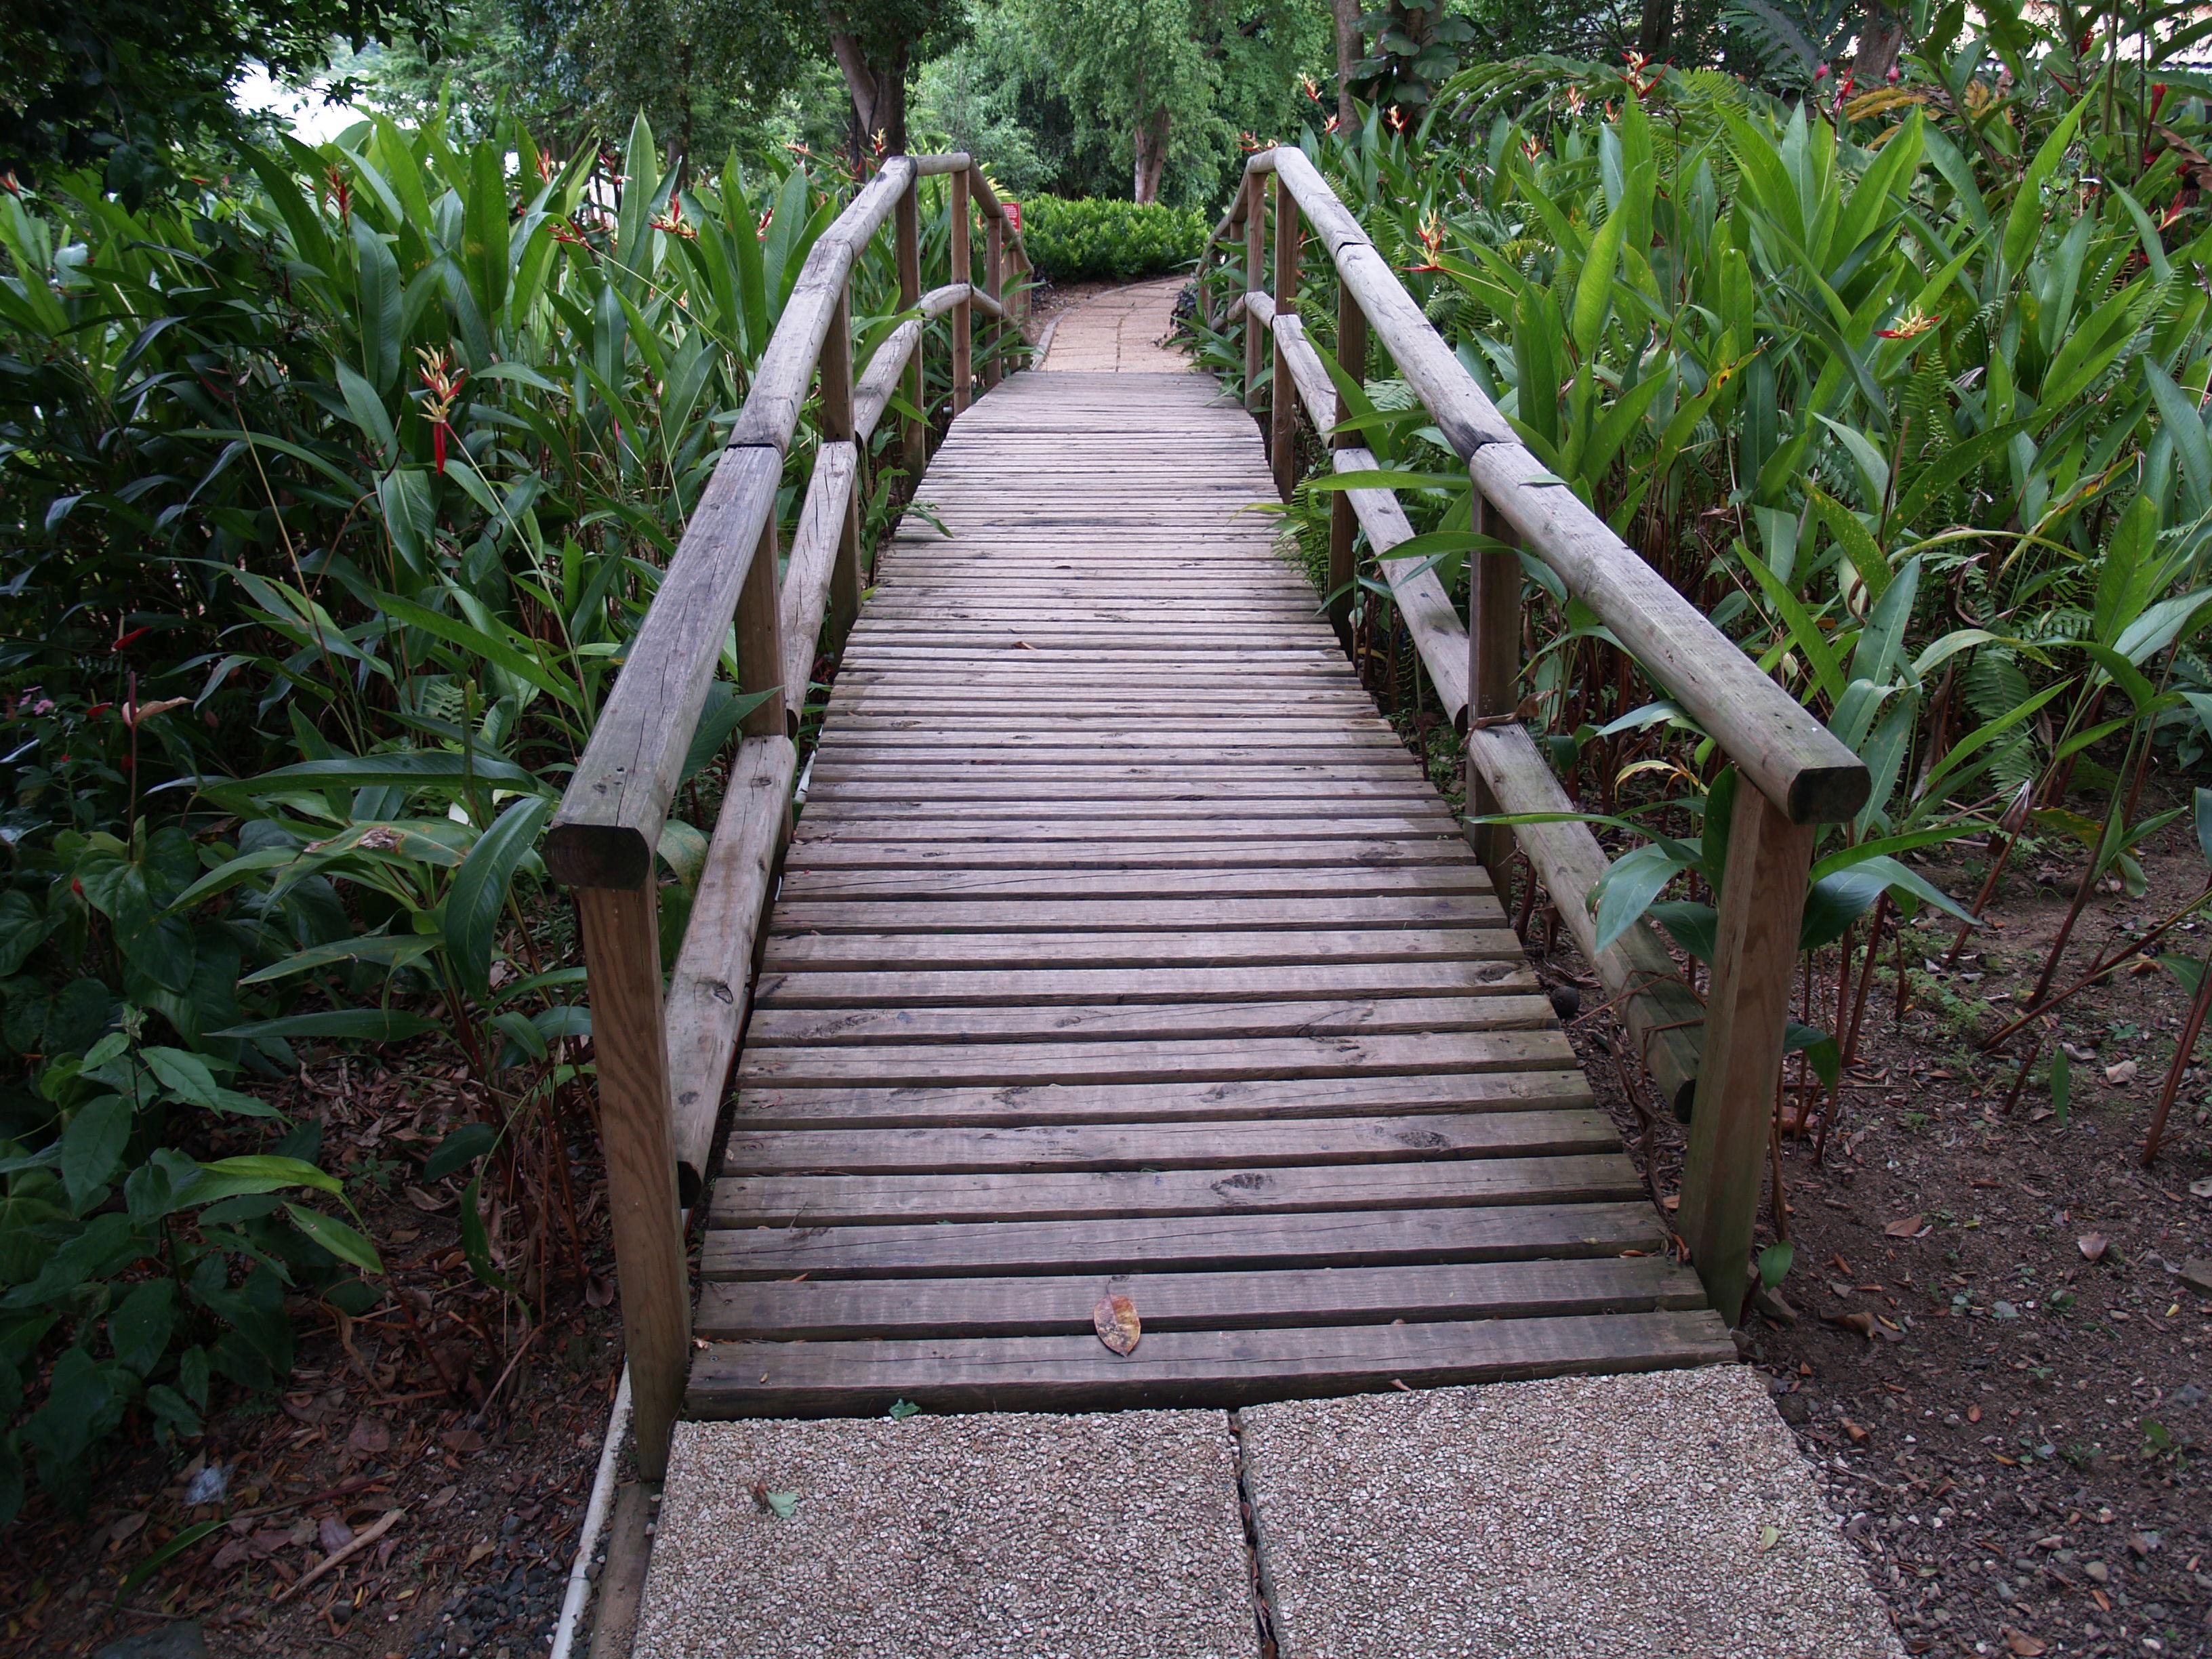 Puente chiquito en el jard n bot nico y cultural de for Bodas en el jardin botanico de caguas